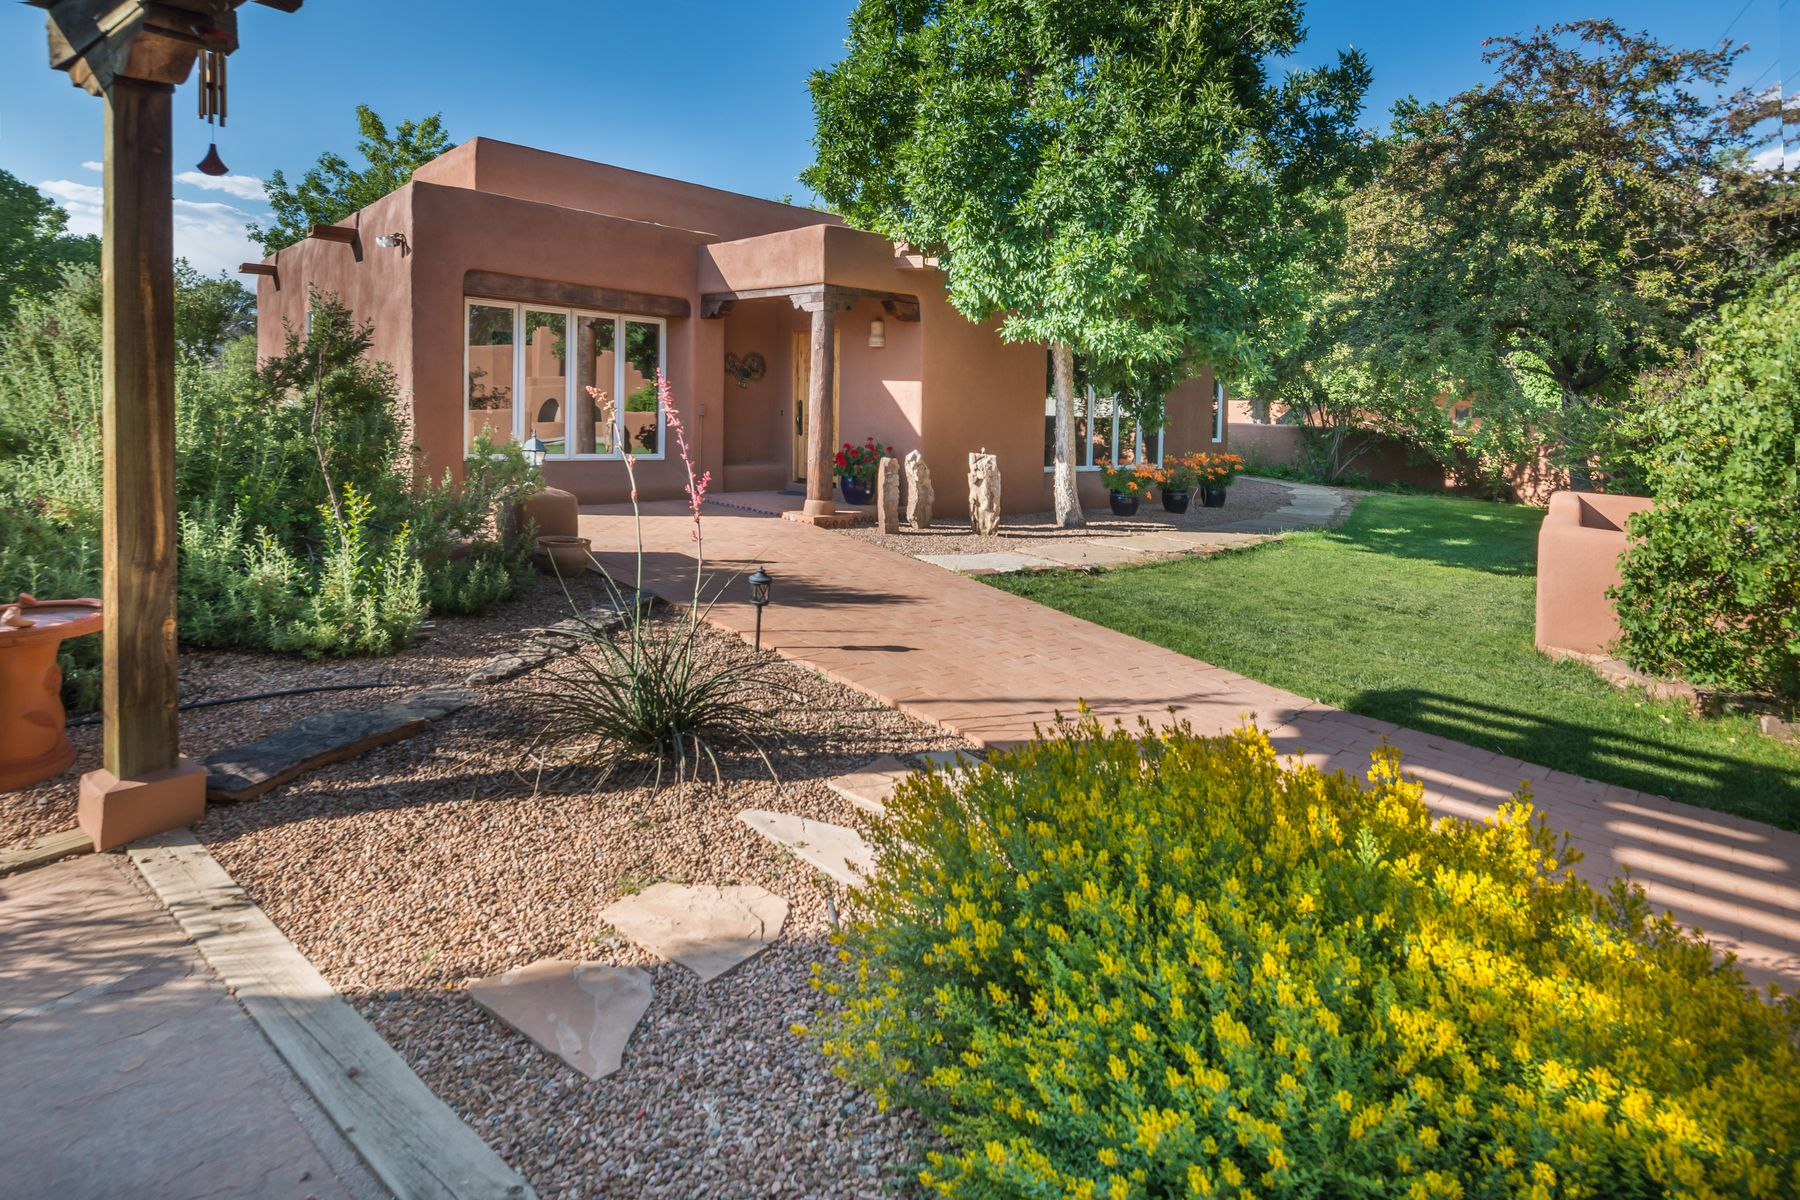 Single Family Homes pour l Vente à 1 Jerry Hatchet Lane 1 Jerry Hatchet Ln, Nambe, Nouveau-Mexique 87506 États-Unis